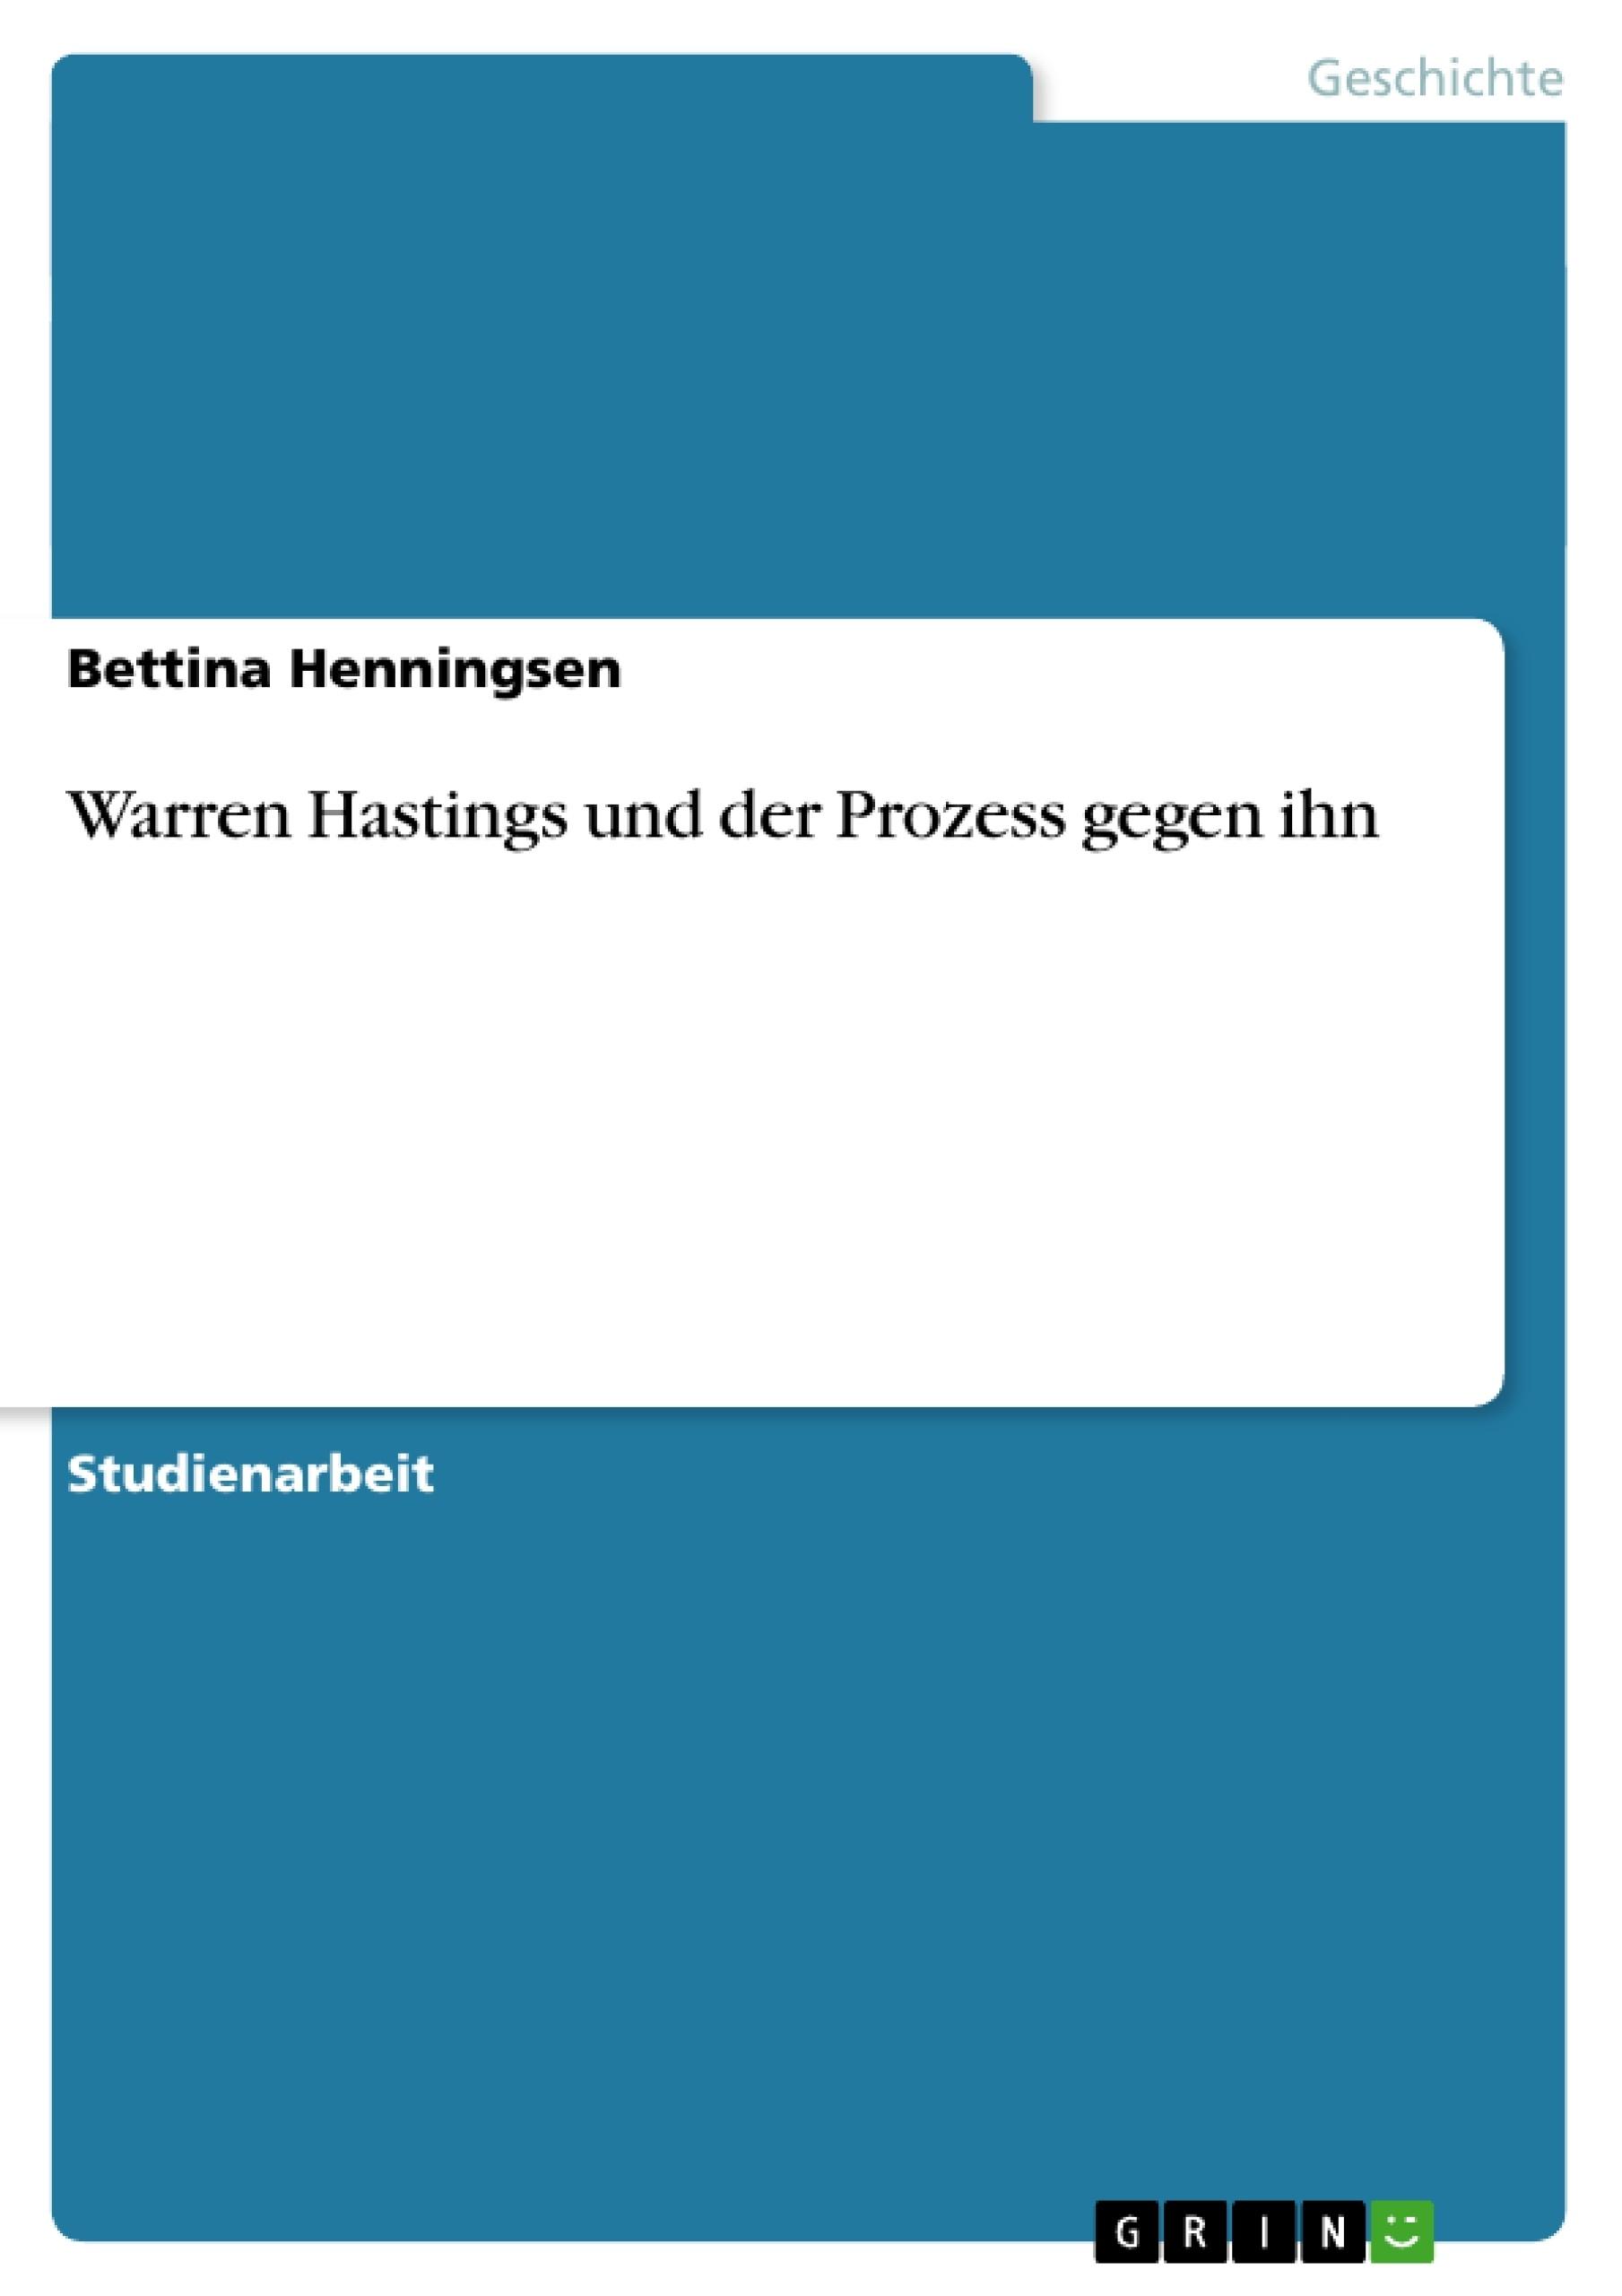 Titel: Warren Hastings und der Prozess gegen ihn